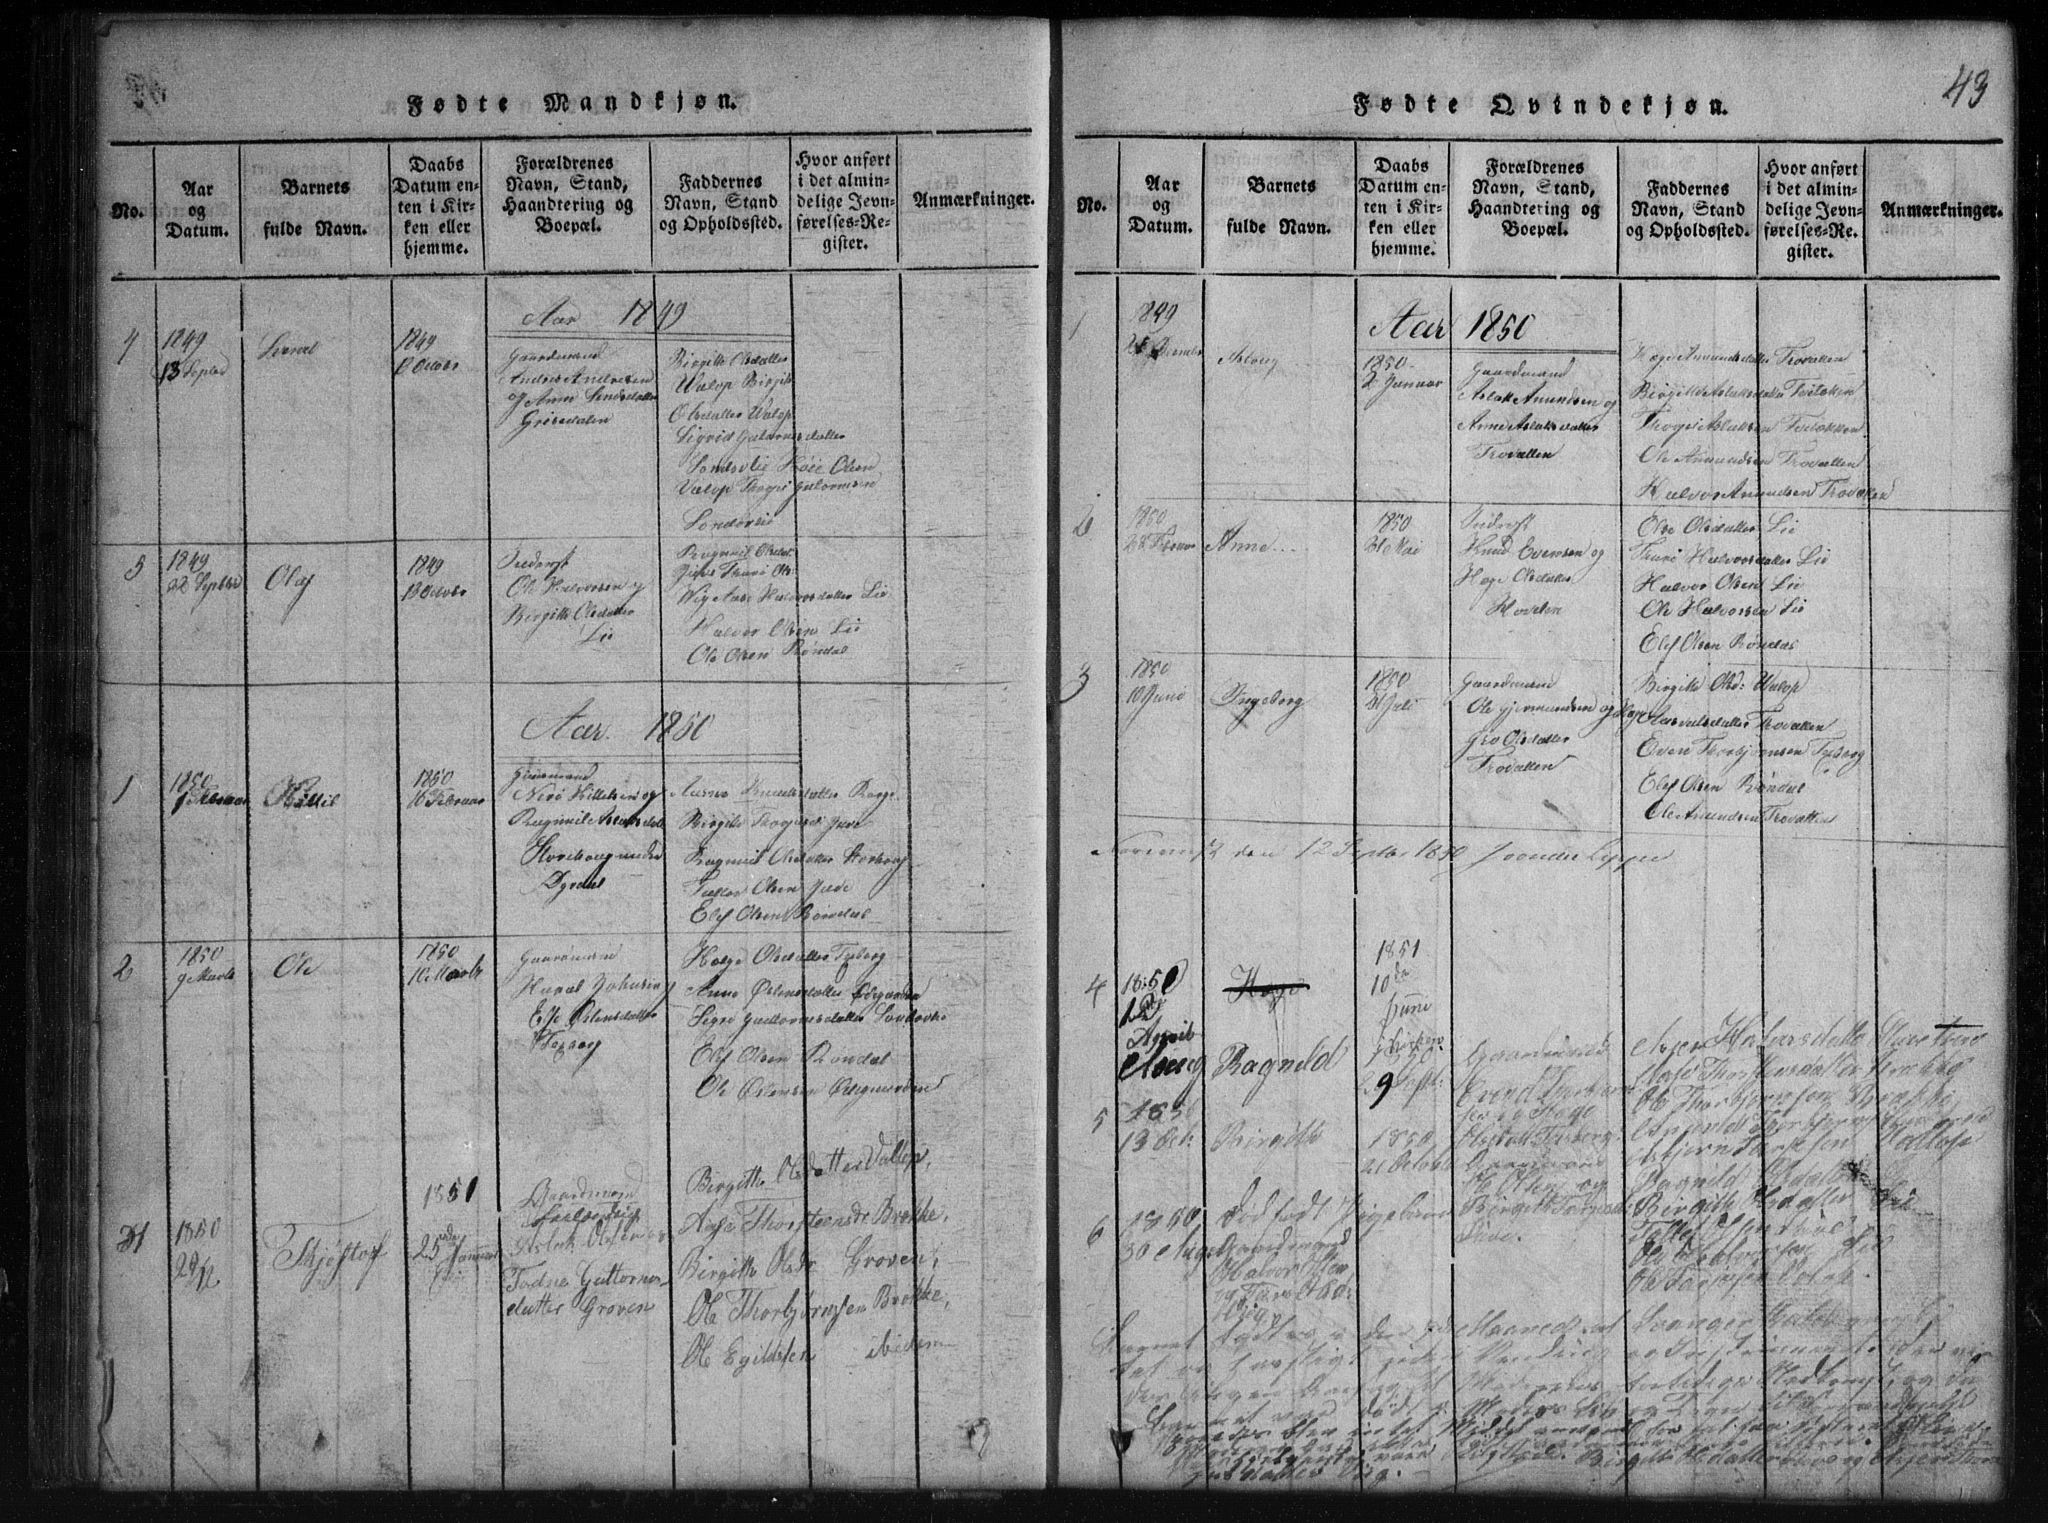 SAKO, Rauland kirkebøker, G/Gb/L0001: Klokkerbok nr. II 1, 1815-1886, s. 43